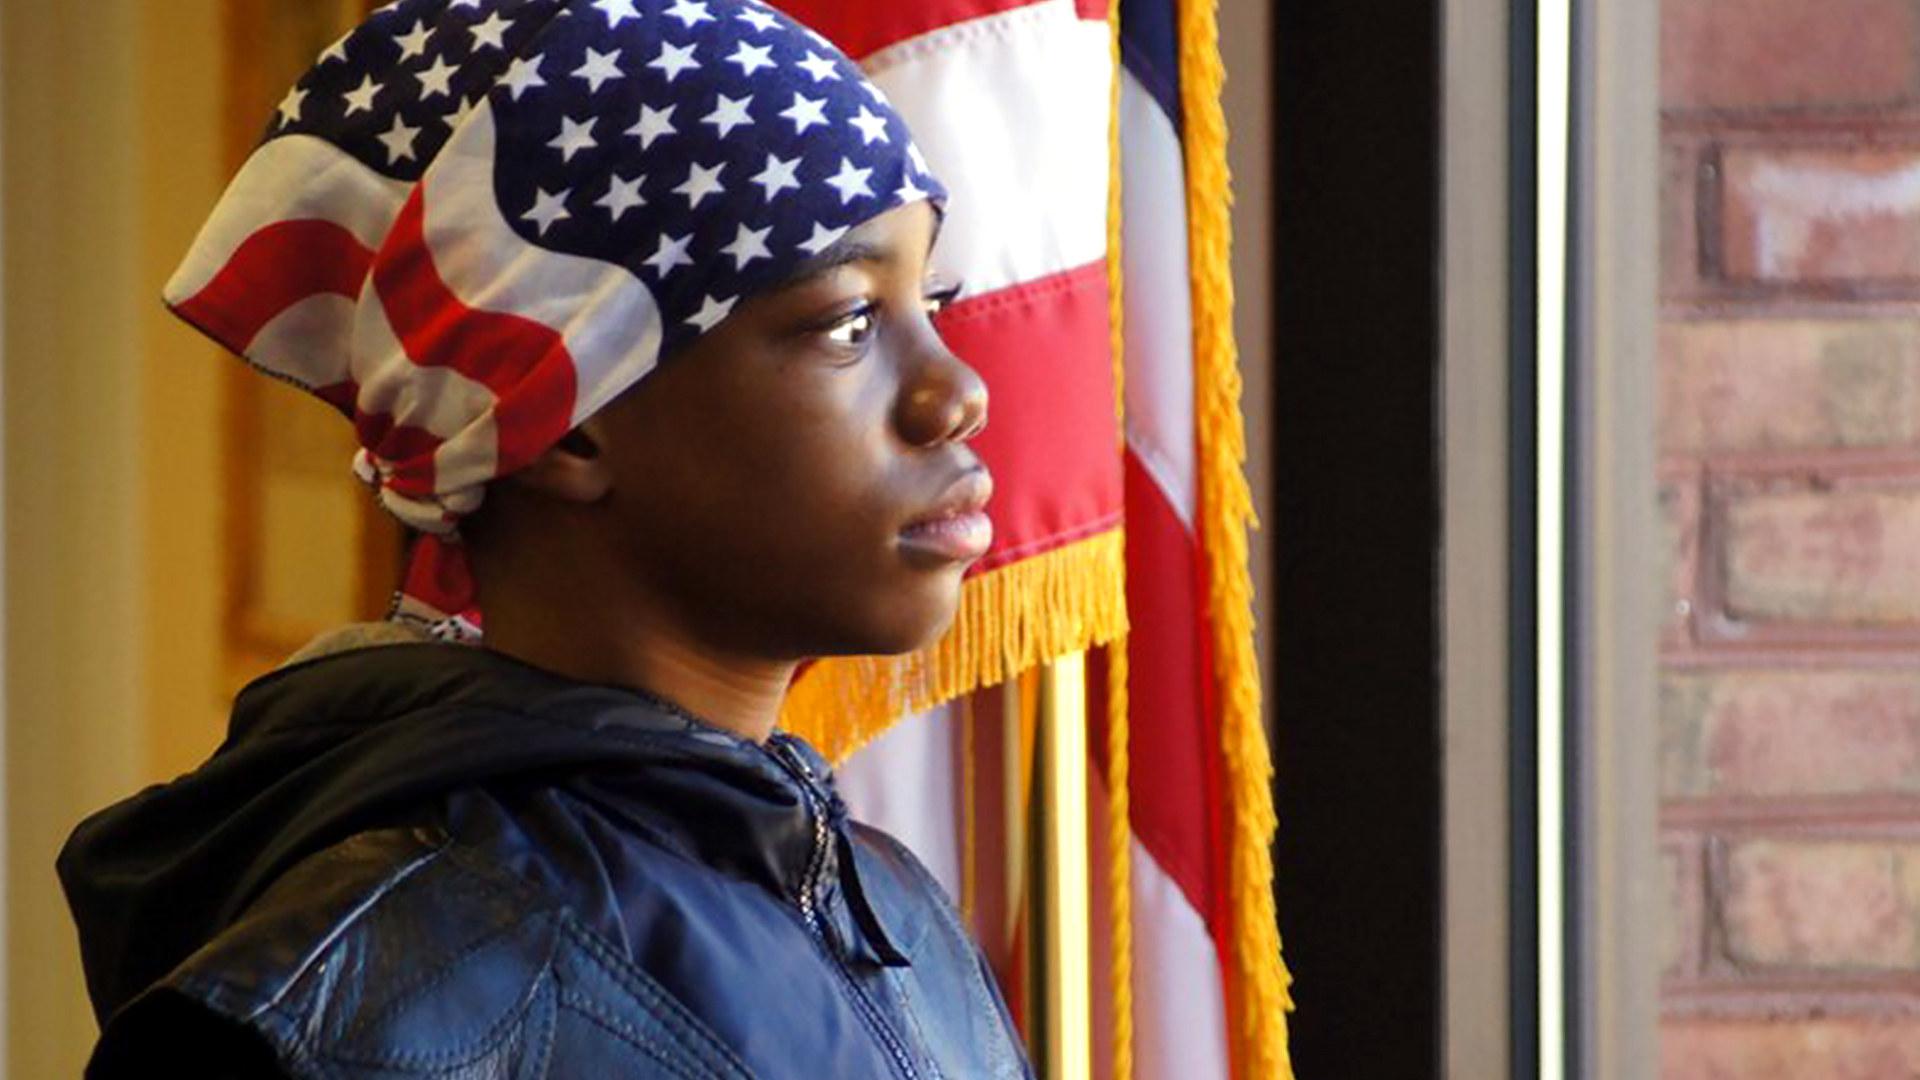 RTMD1 -Boy American